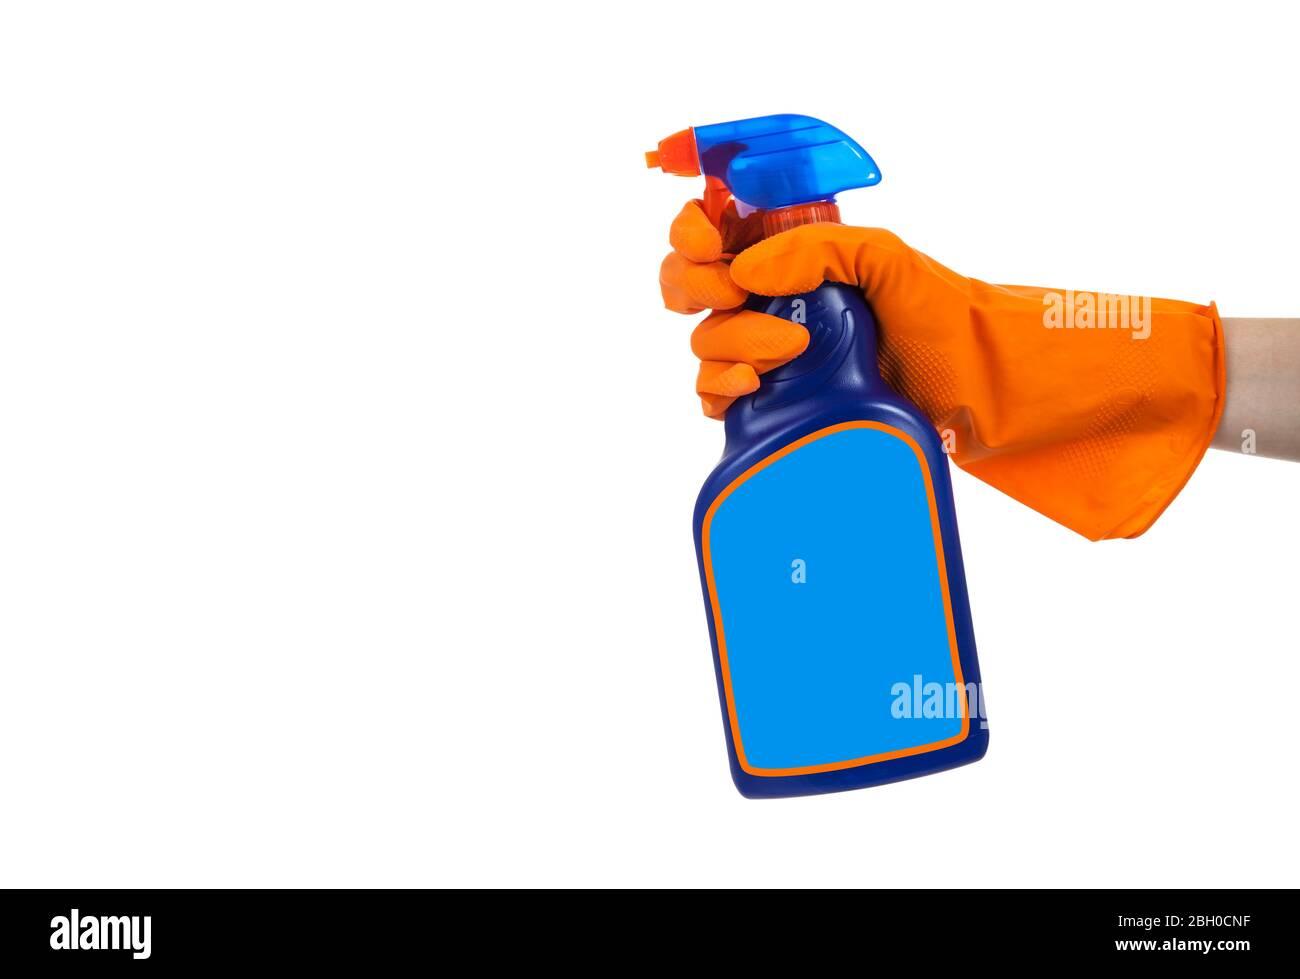 Manos enguantadas sosteniendo una botella de aerosol de limpieza, desinfectante químico sobre un fondo blanco Foto de stock